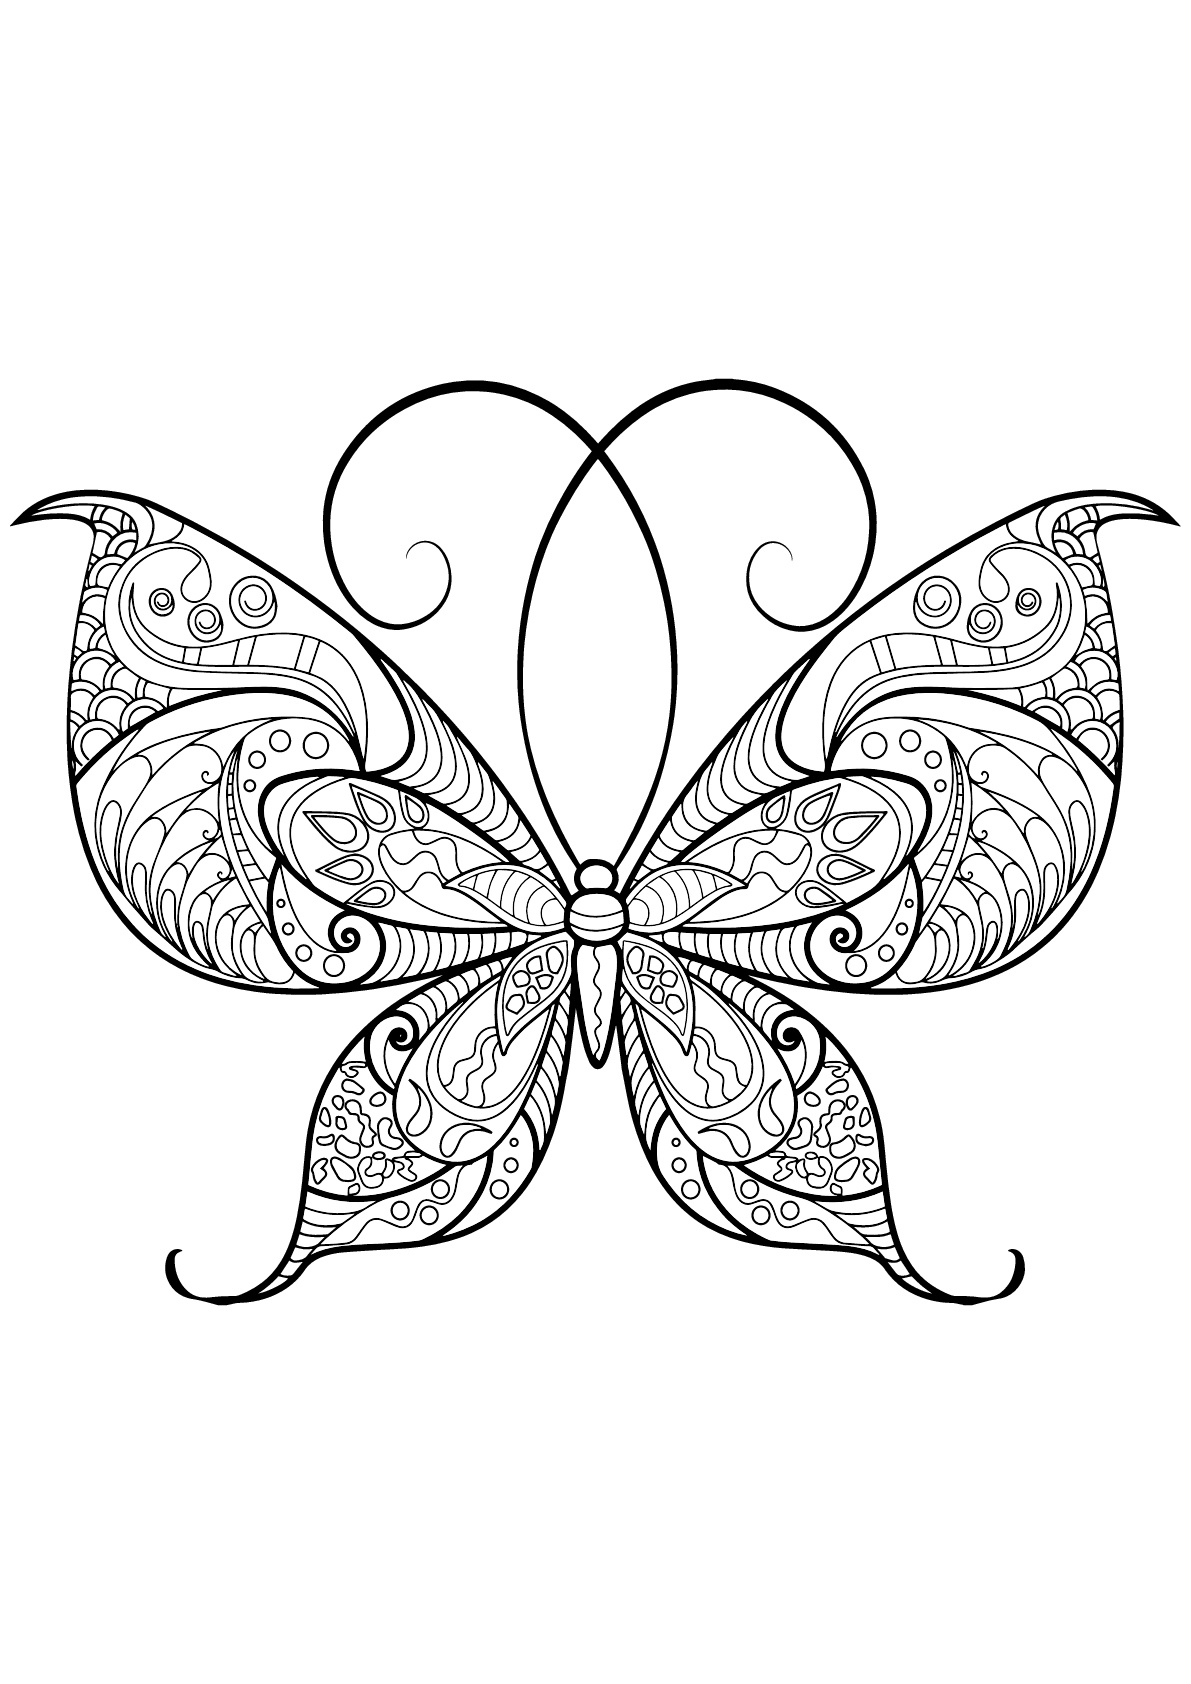 Papillon motifs 13 coloriage de papillons coloriages - Papillon coloriage ...